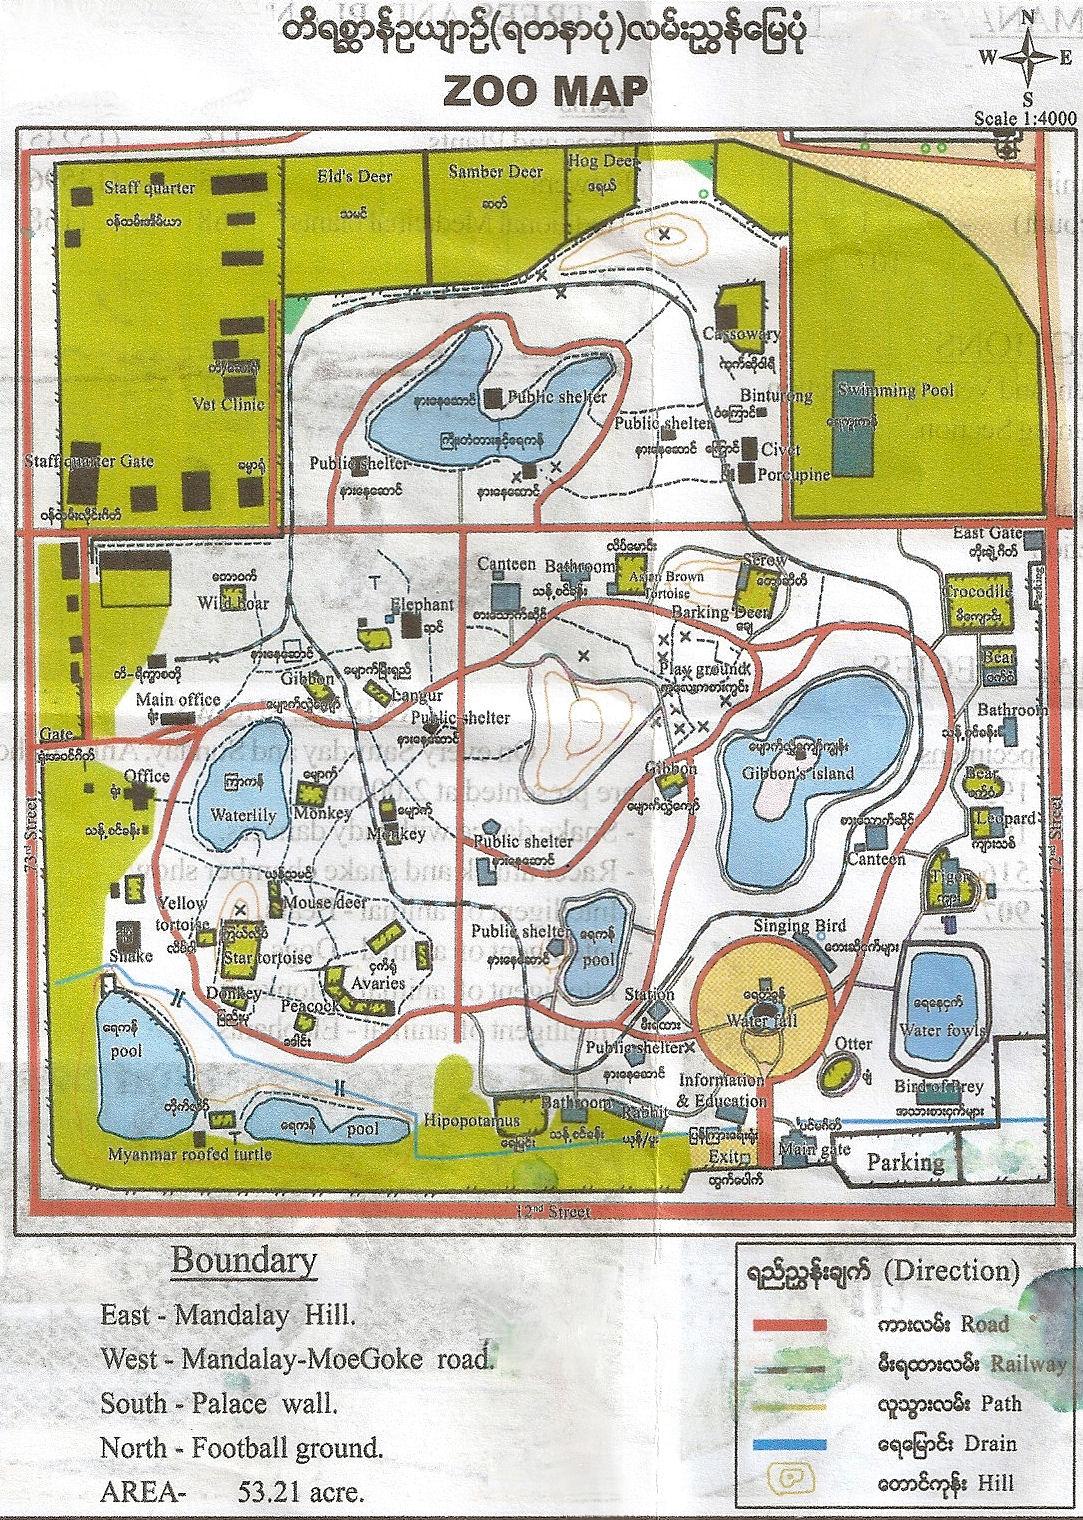 Схема ростовского зоопарка